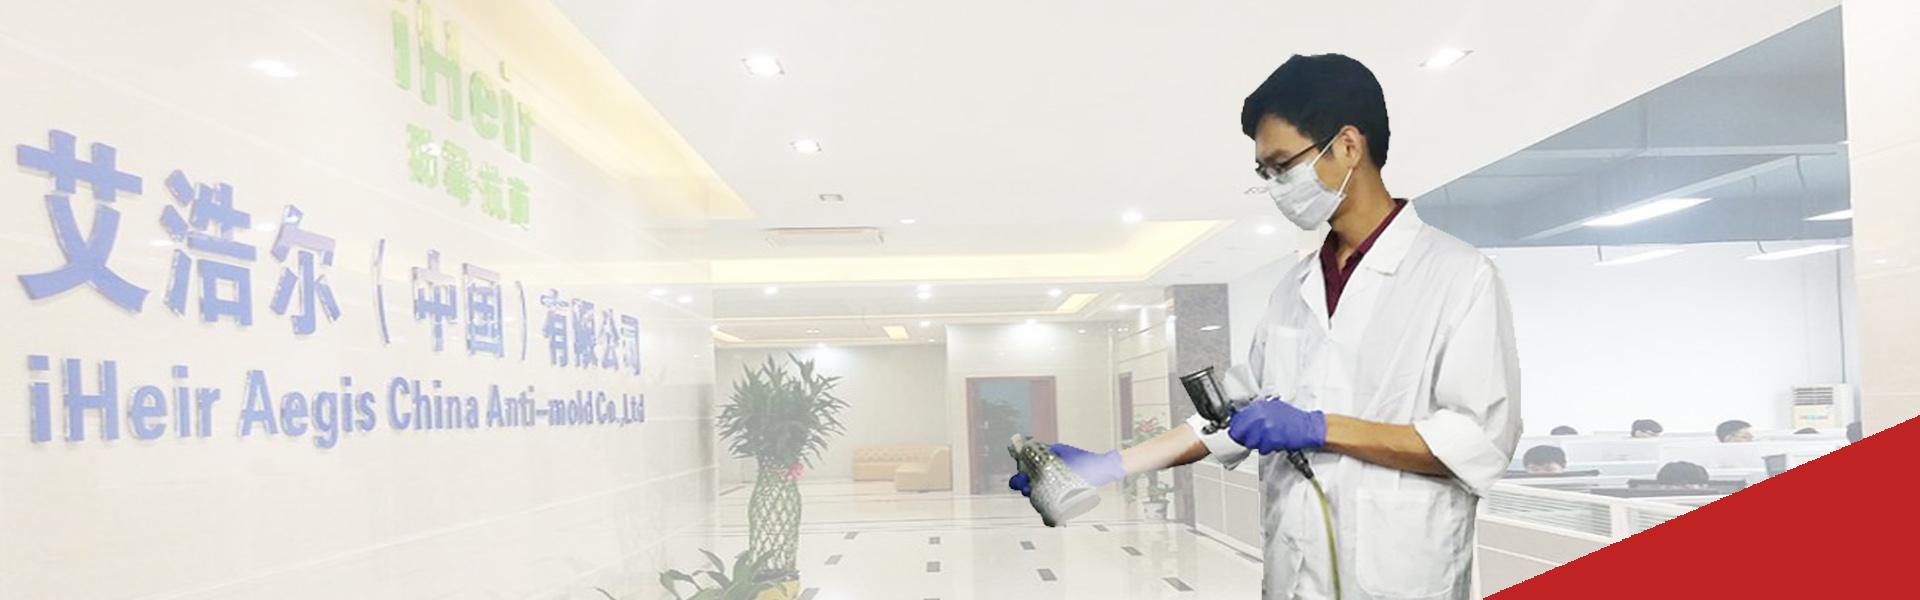 广州艾浩尔防霉抗菌专家